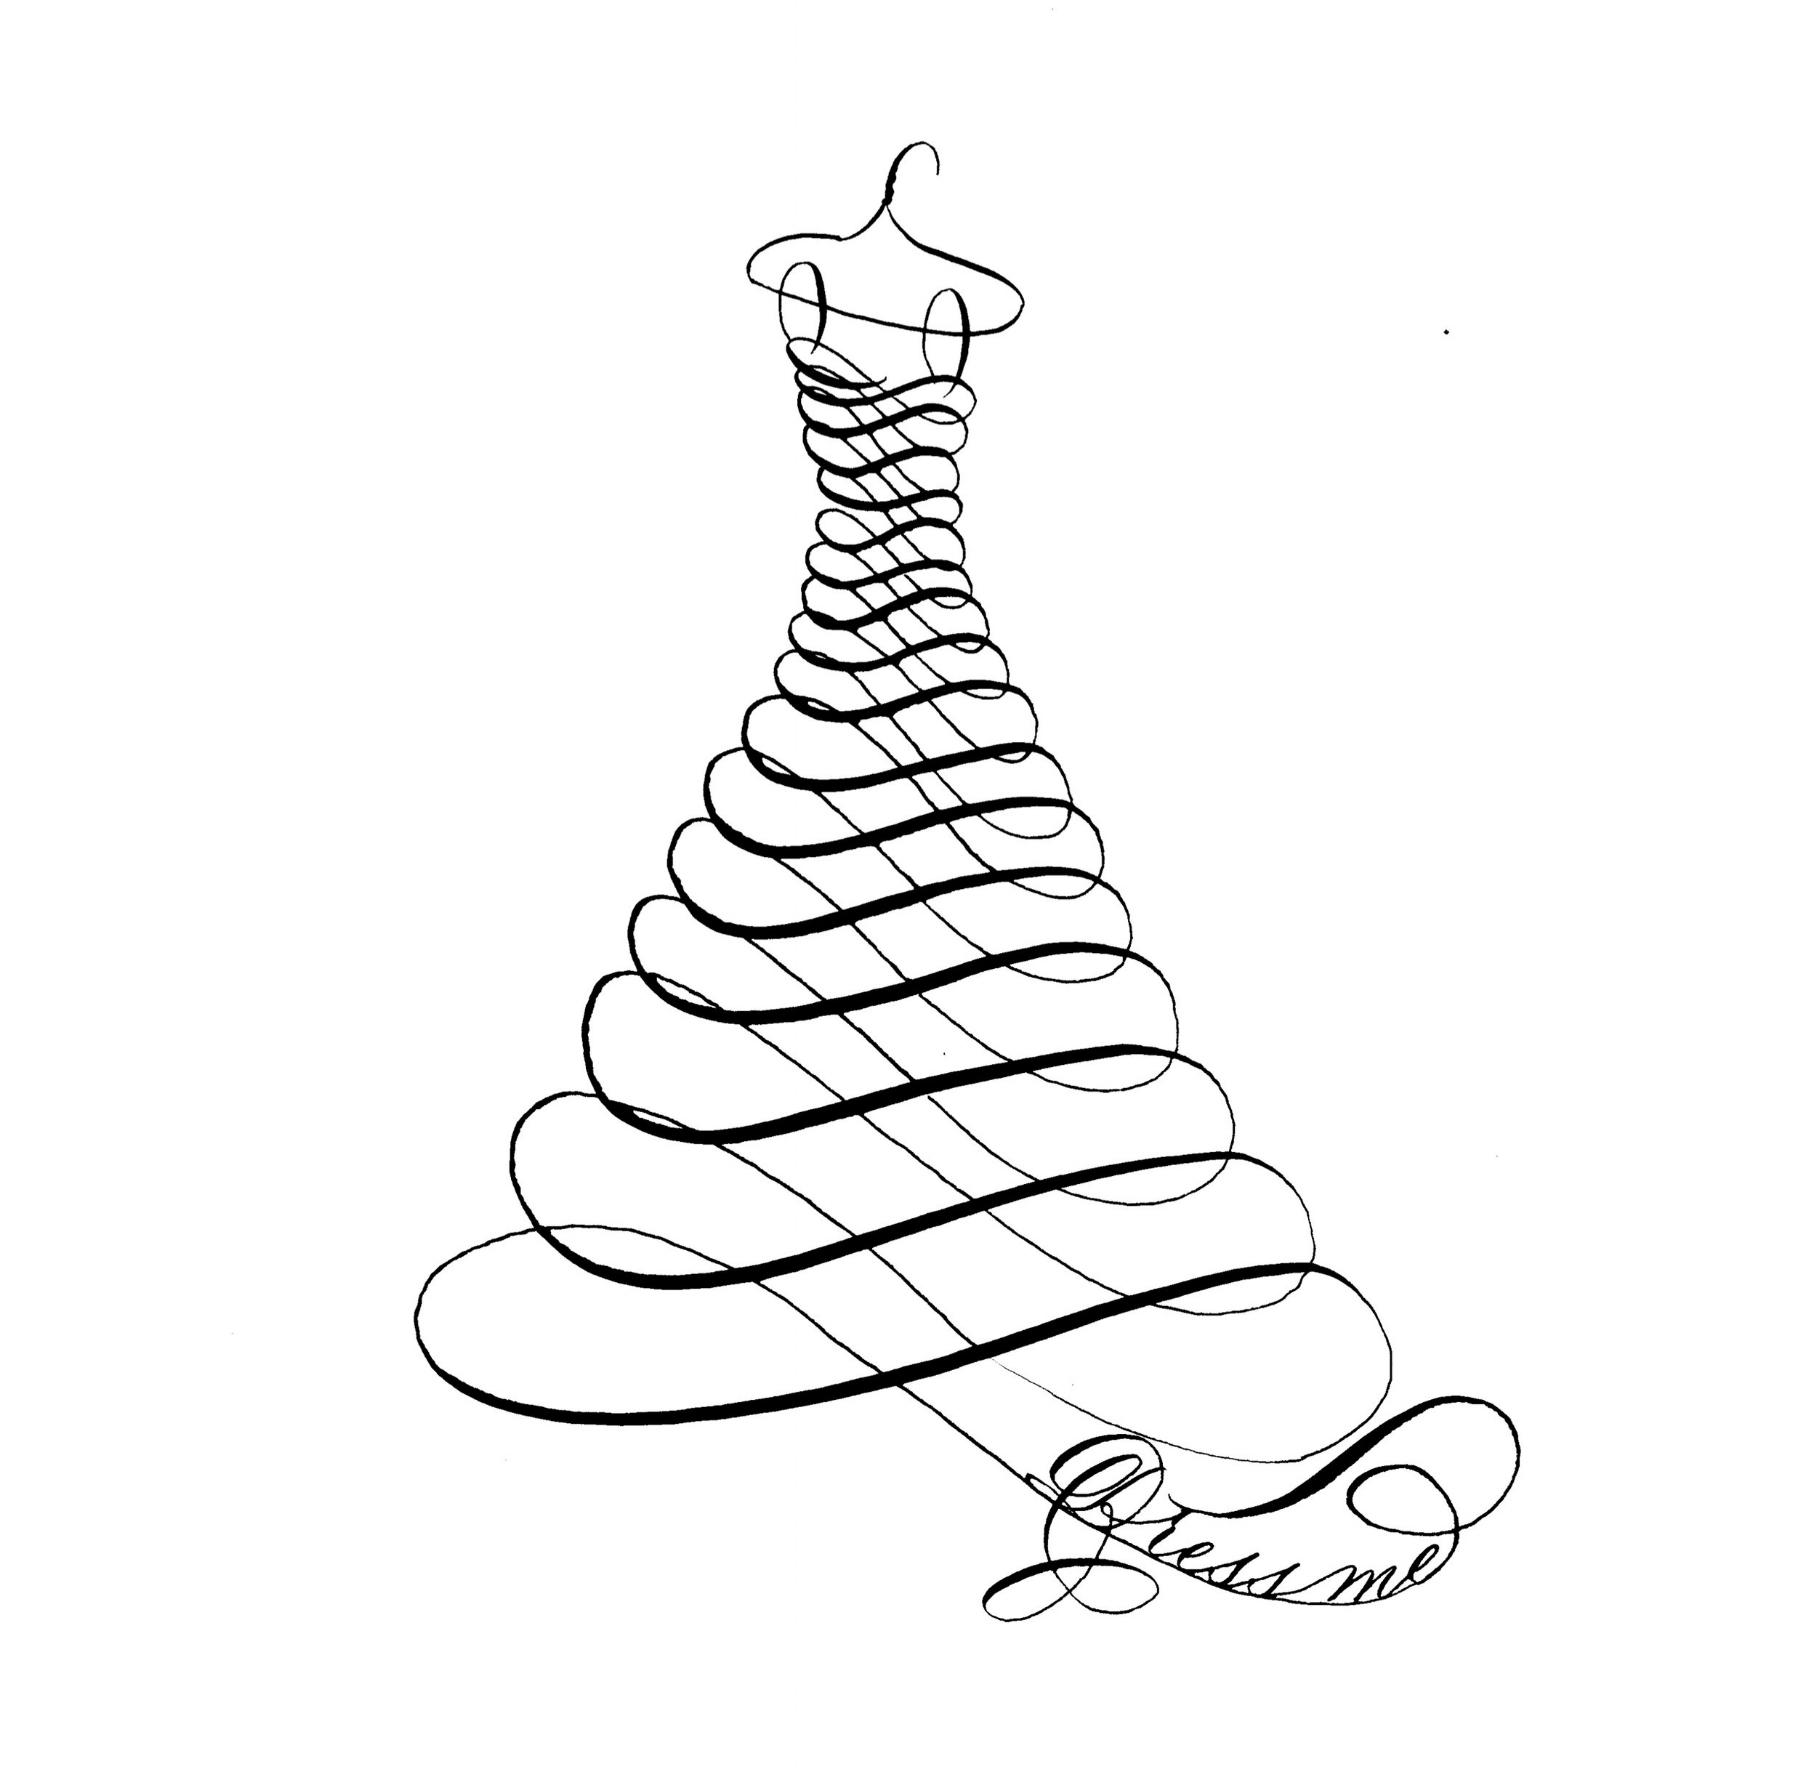 Houston Calligraphy Slinging Ink Flourish.jpg